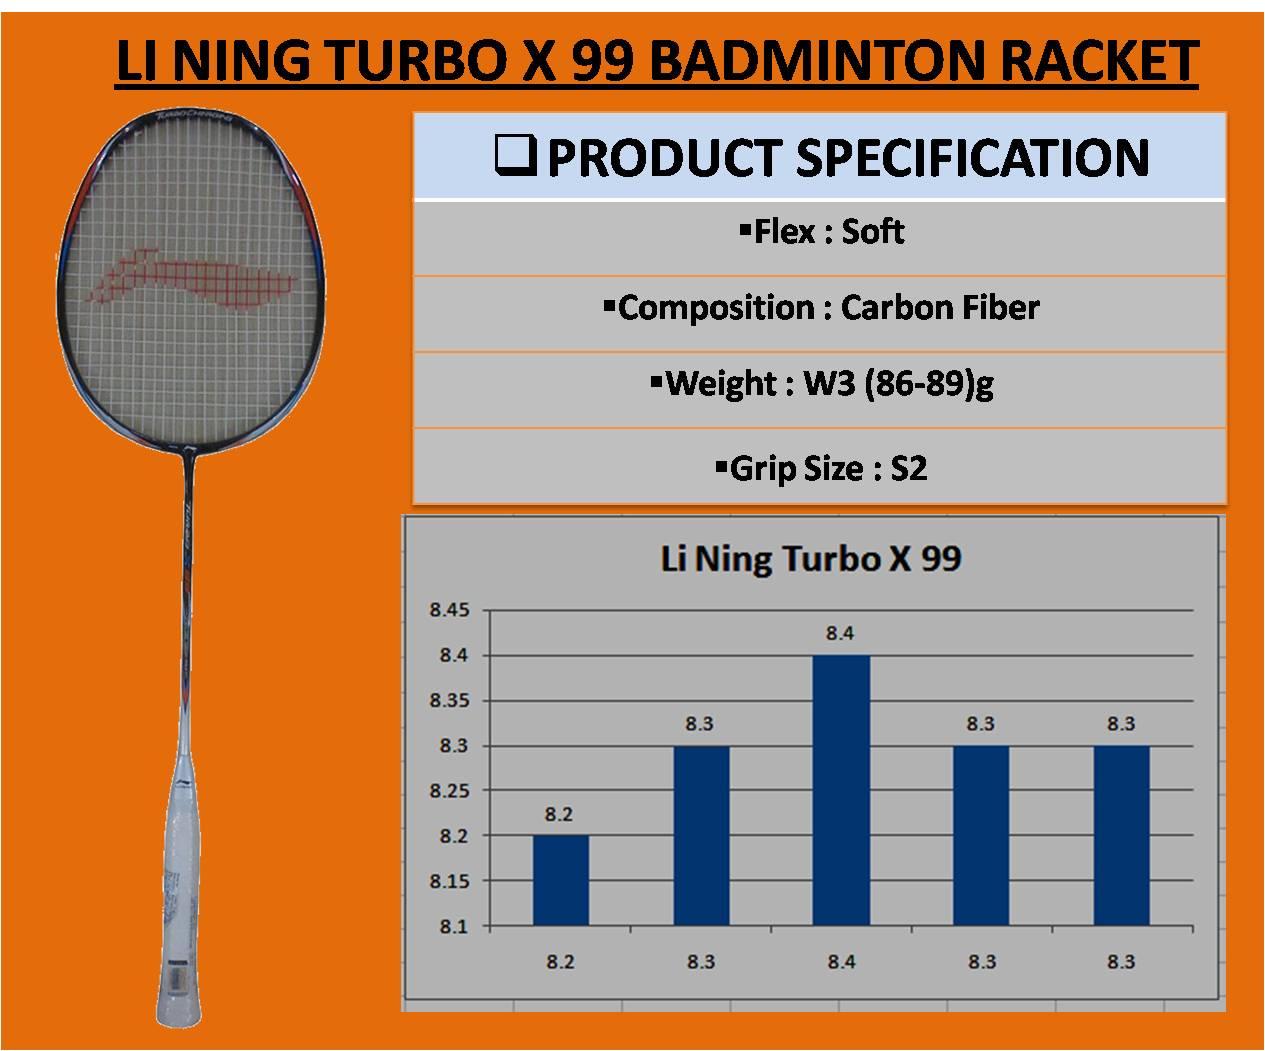 LI NING TURBO X 99 BADMINTON RACKET